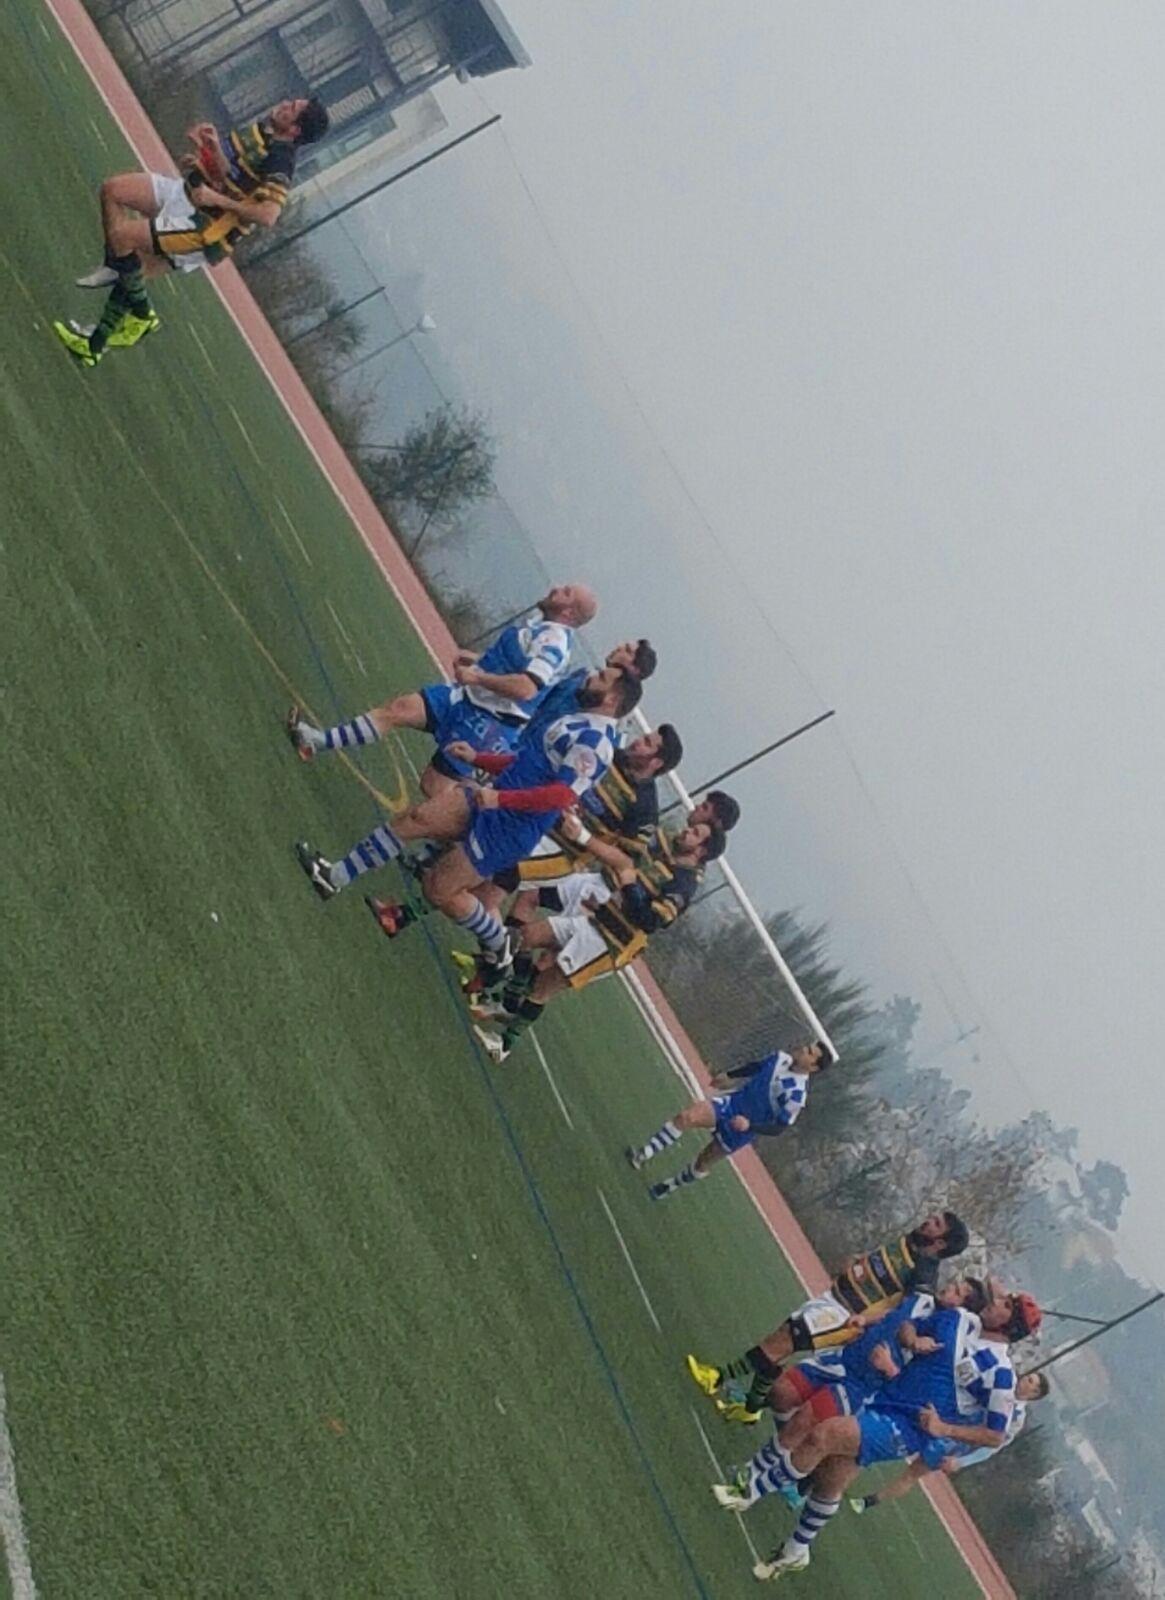 Partido de Rugby Keltia